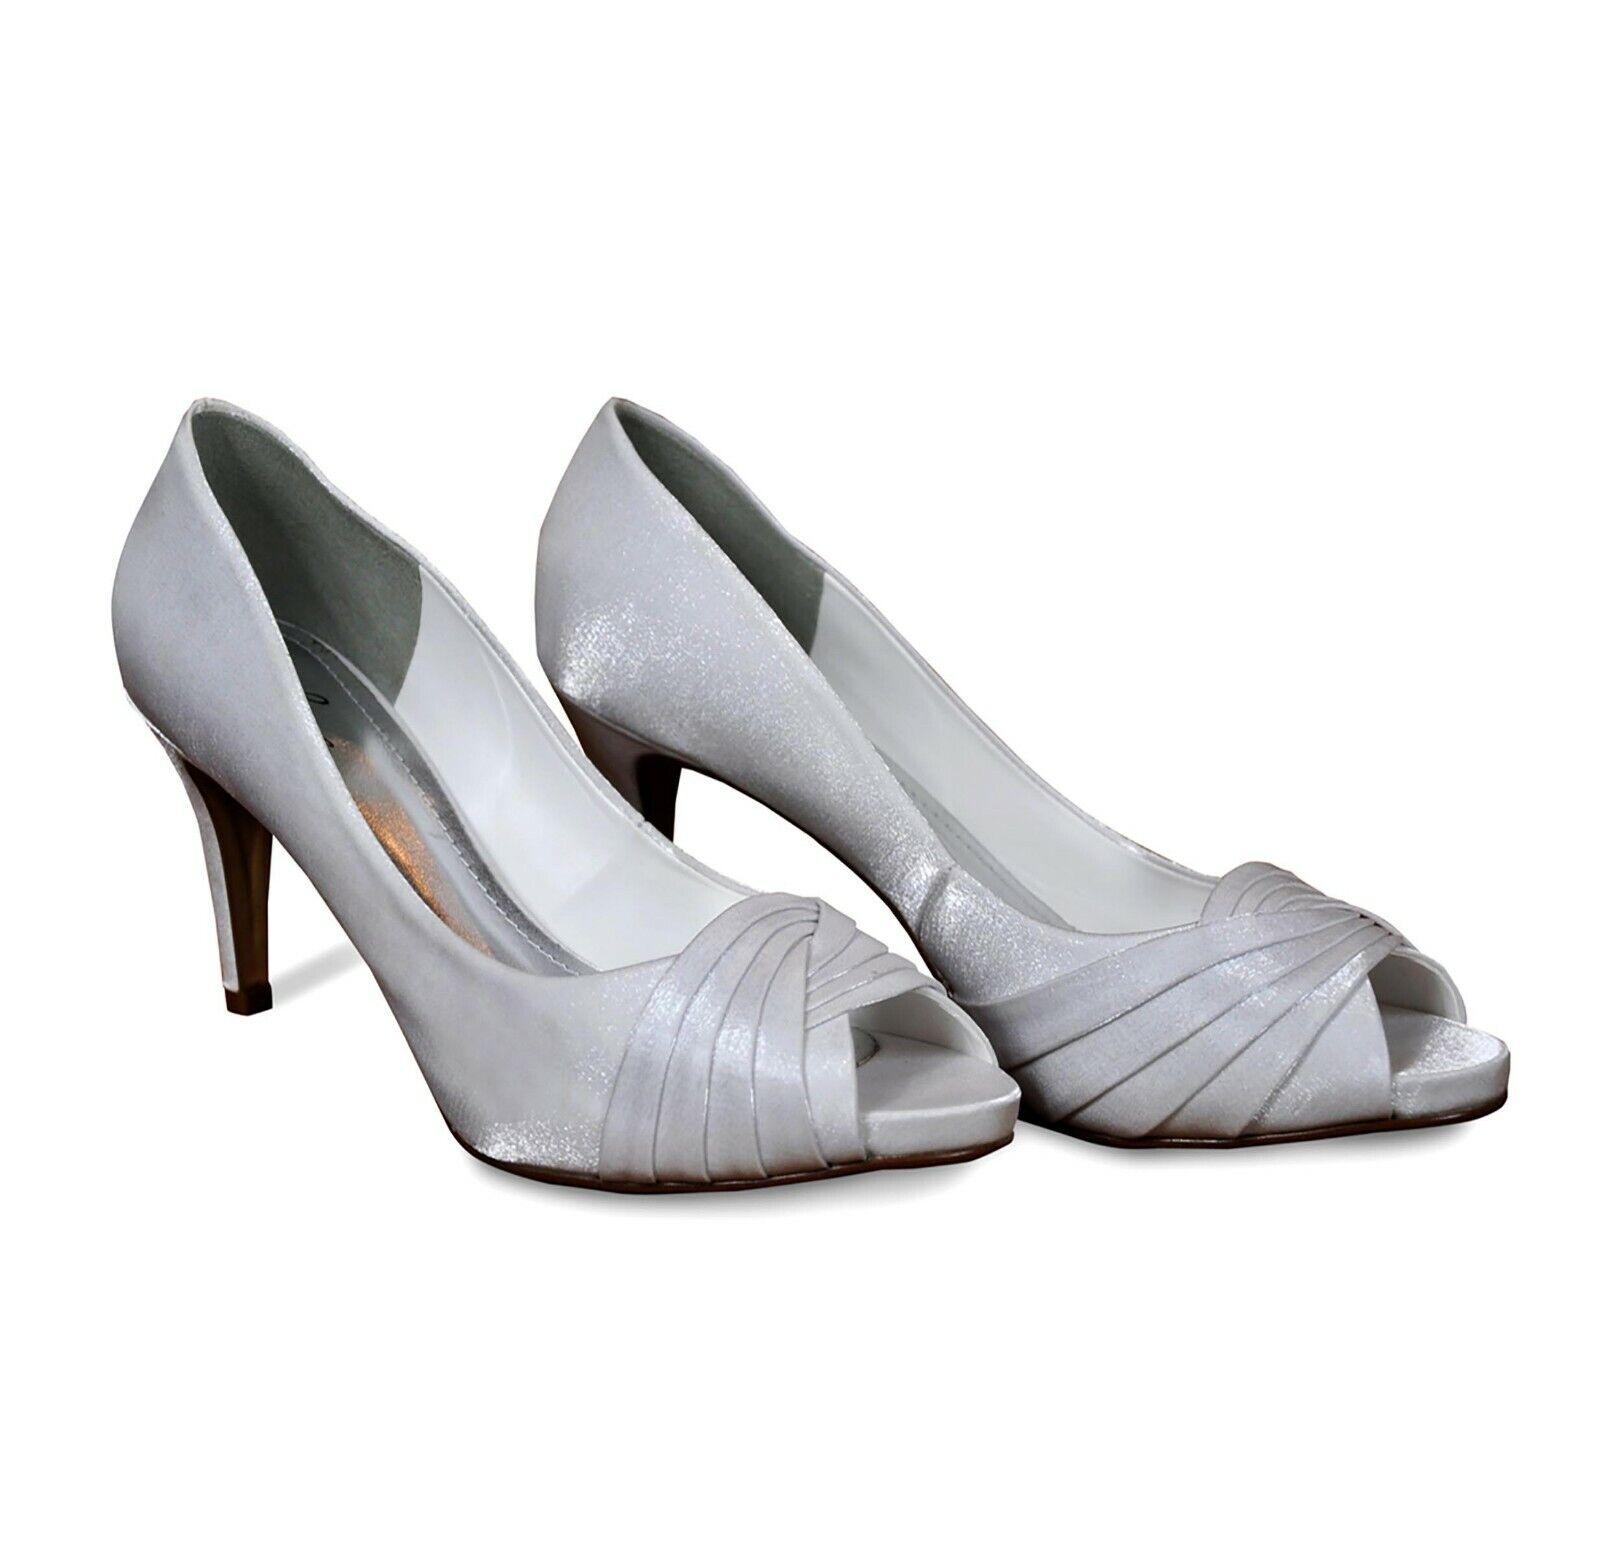 Open Toe Wedding Shoes / Peep Toe Bridal Shoes / White Wedding Shoes Size 7 UK